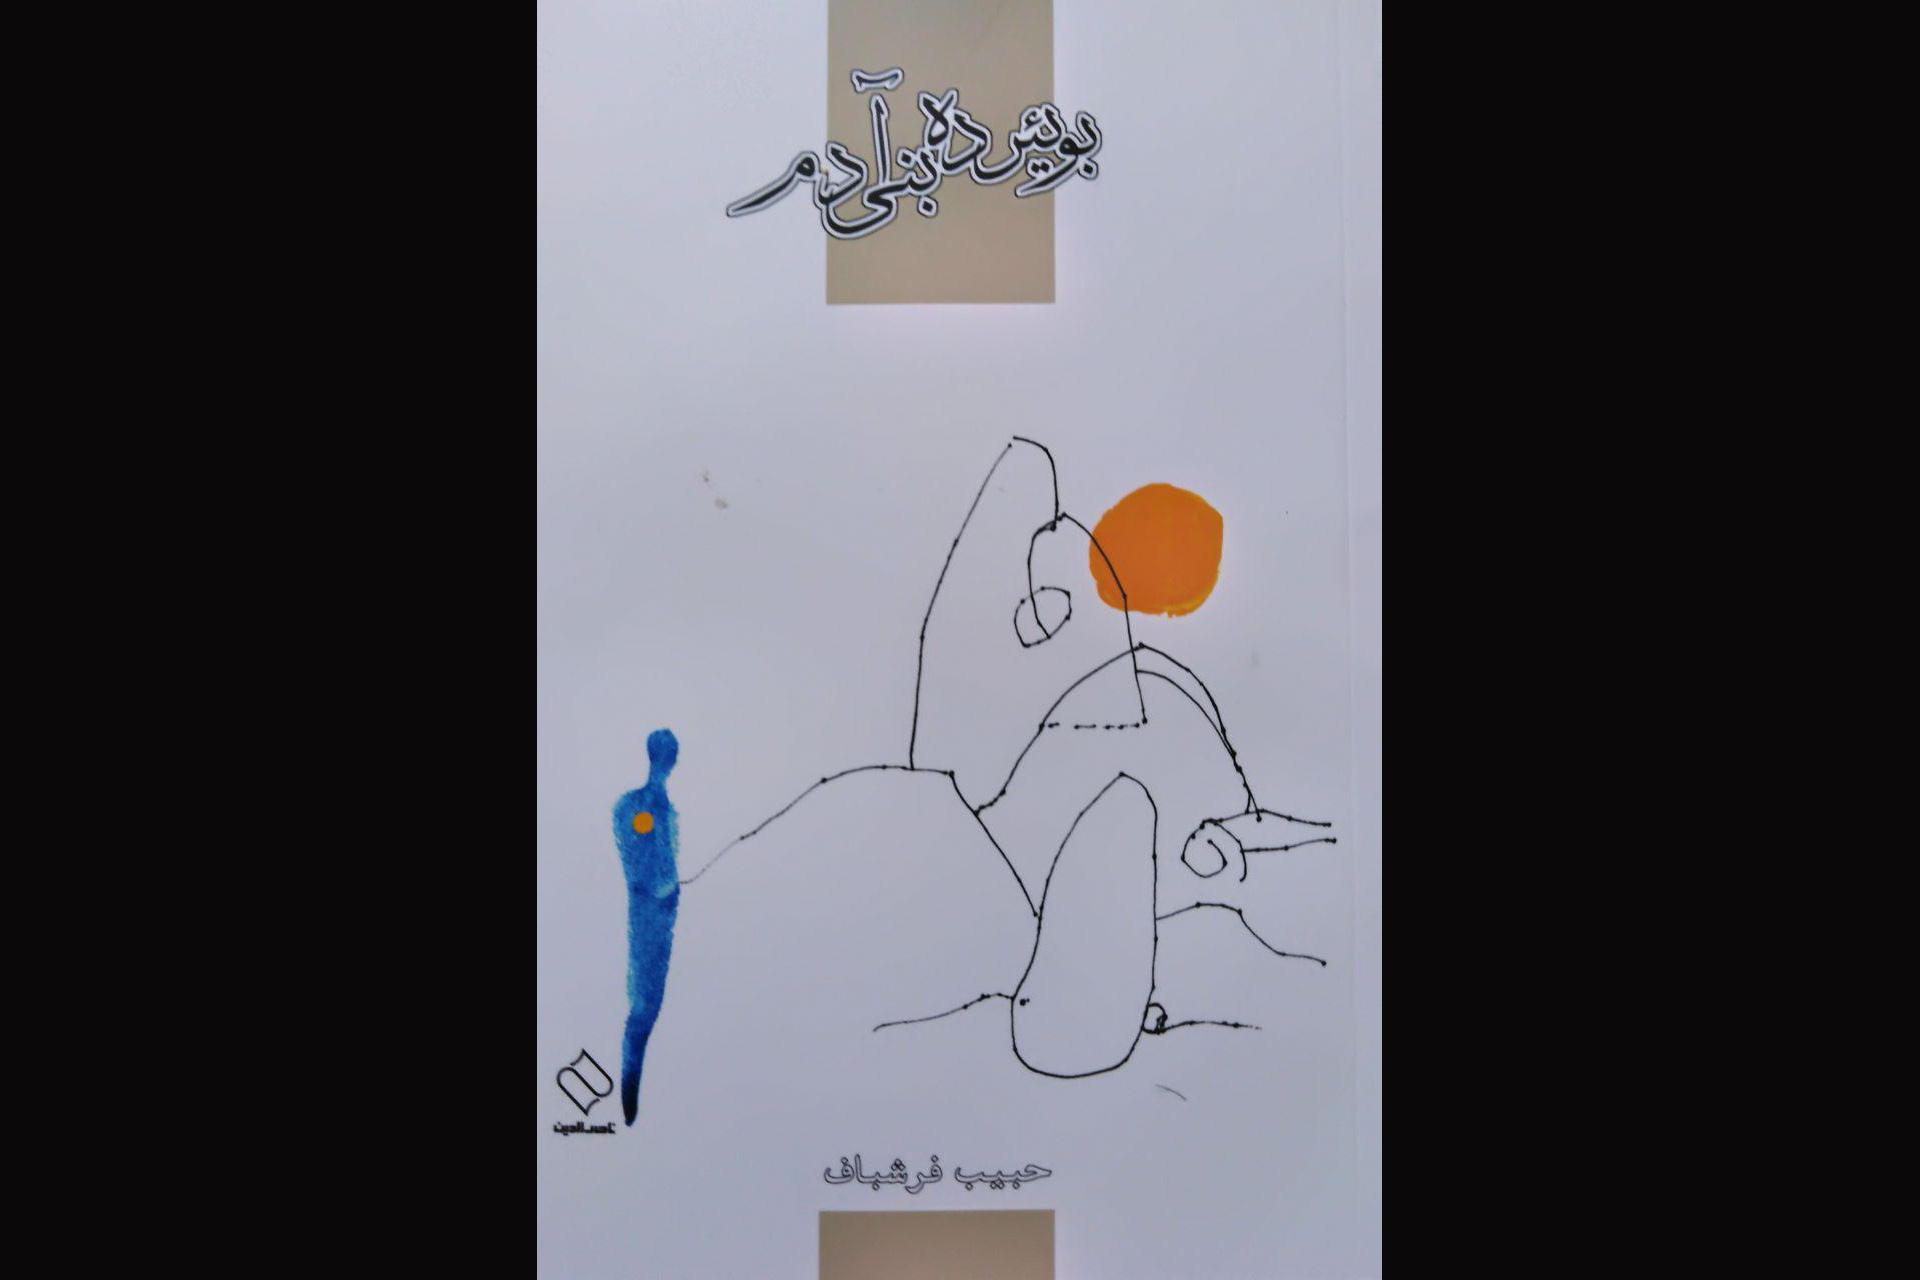 «حبیب فرشباف»ین یئنی کیتابی نشر ائدیلدی